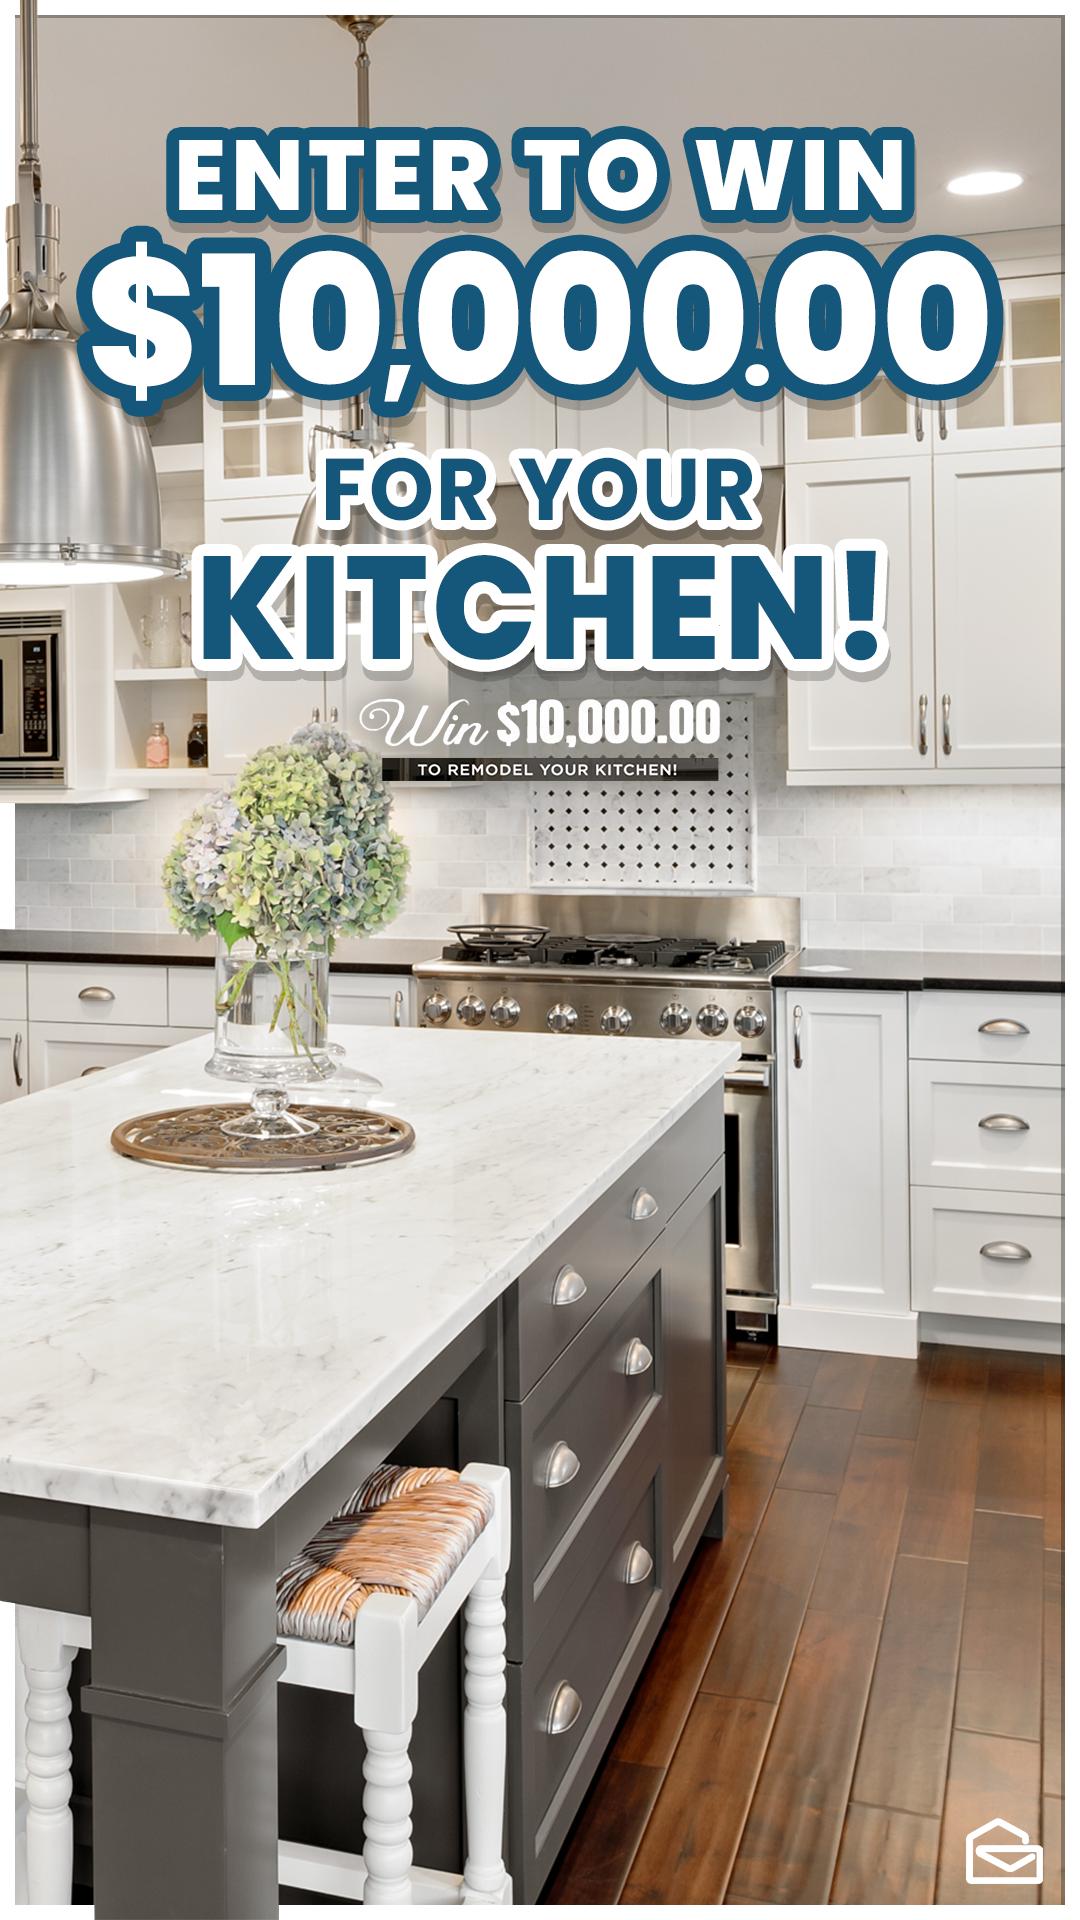 Kitchen Win Kitchen Design Cabinet Design Universal Design